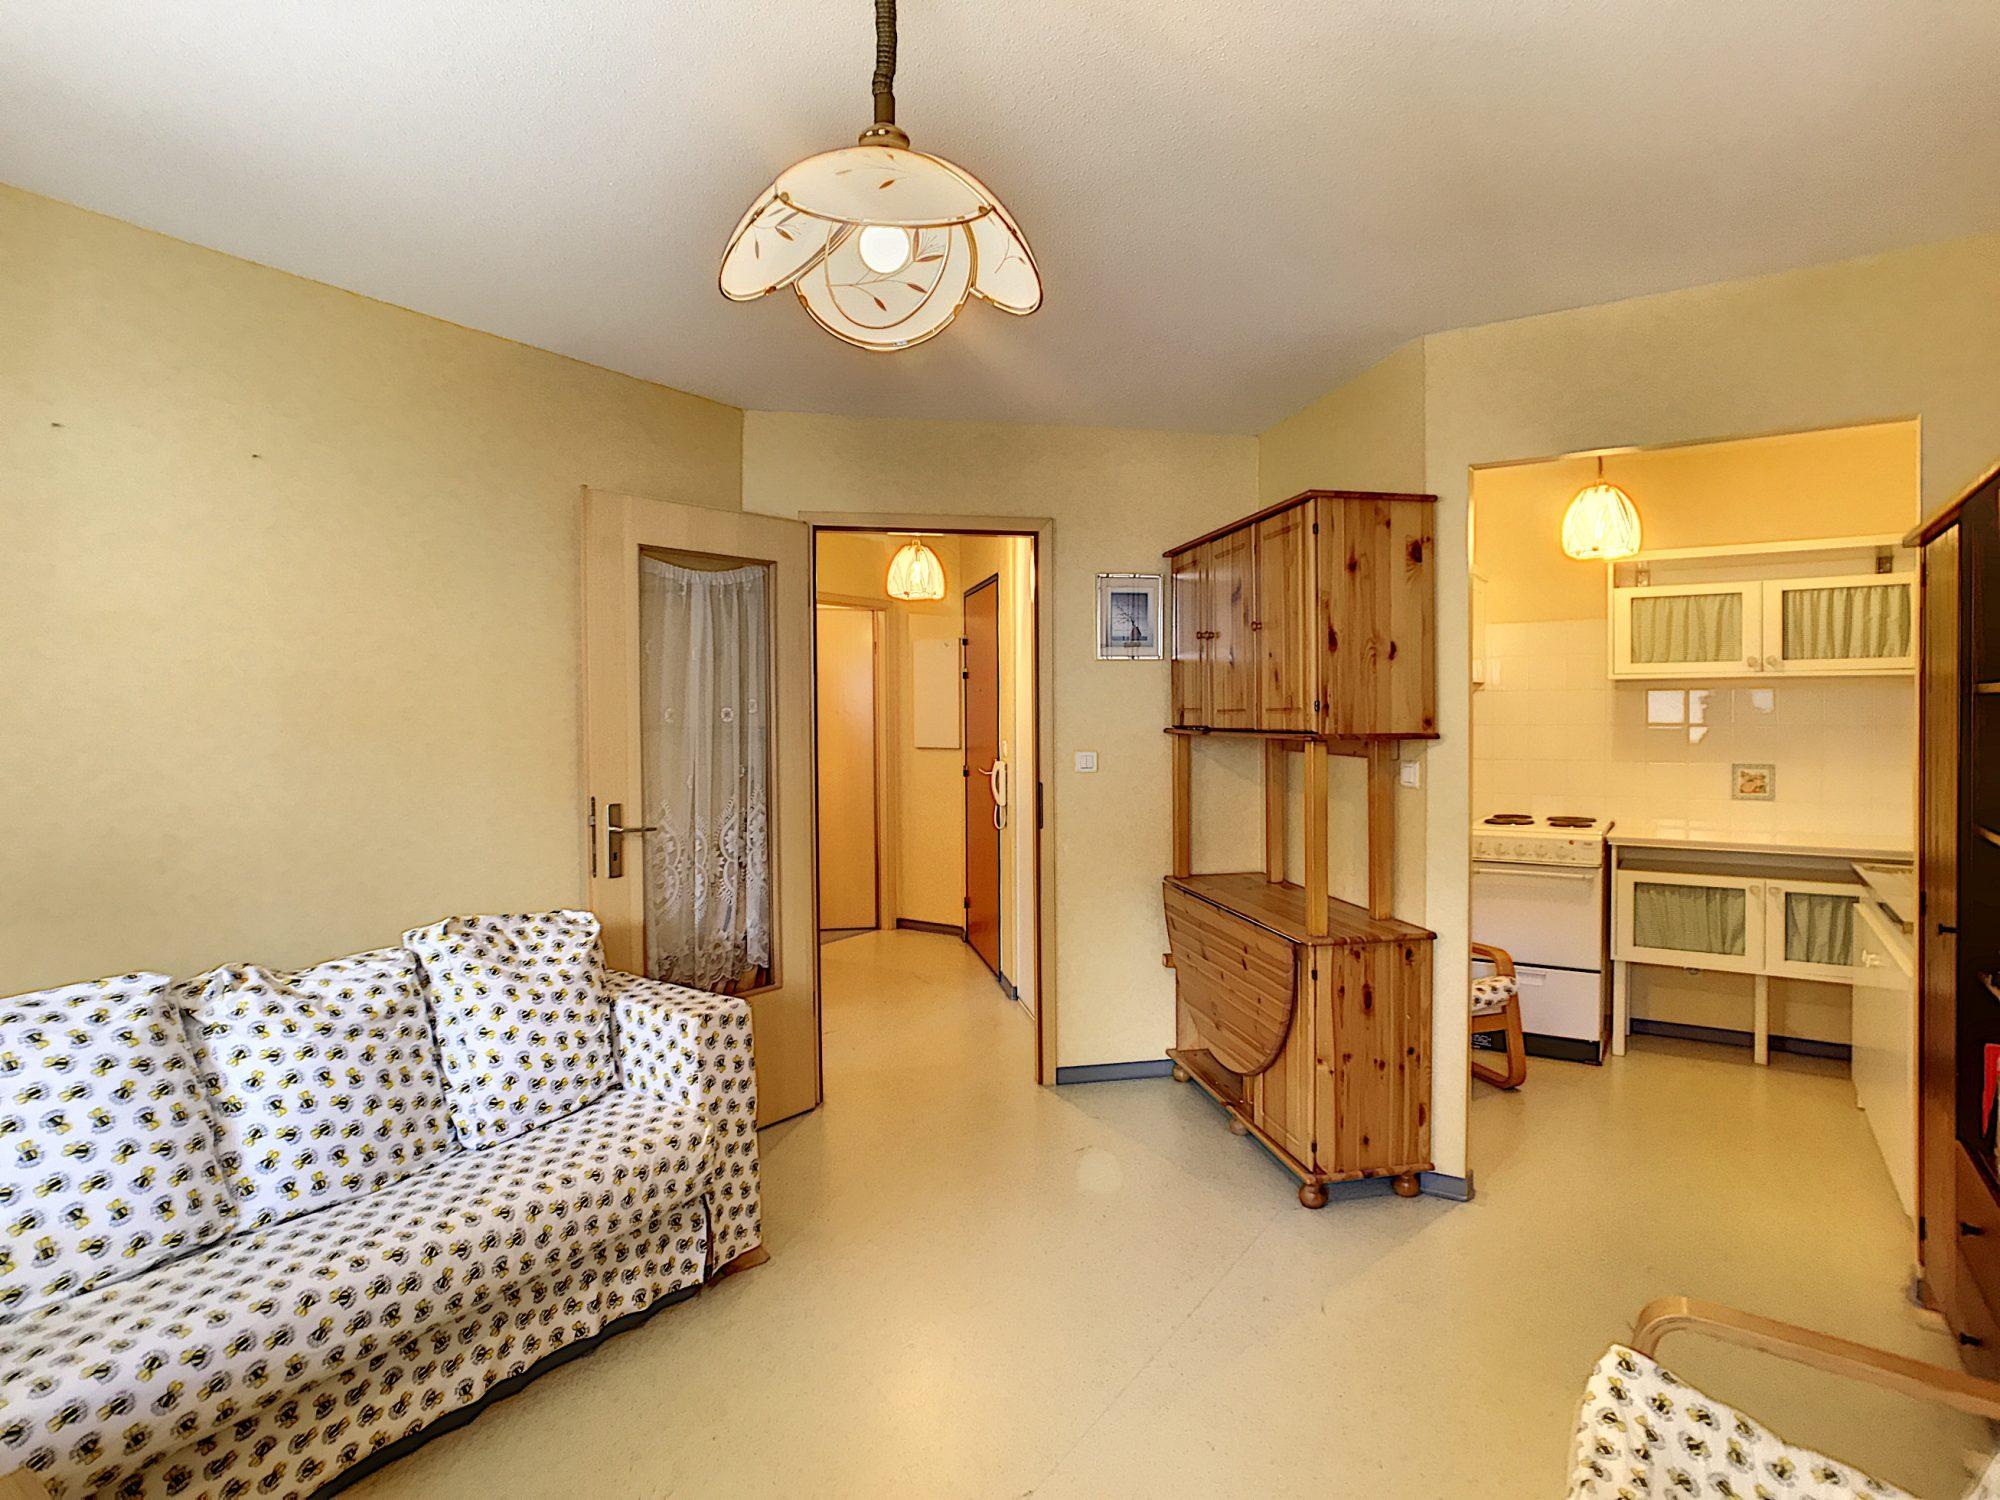 STRASBOURG GARE EXCLUSIVITEE 2 pièces meublé, ascenseur, parki